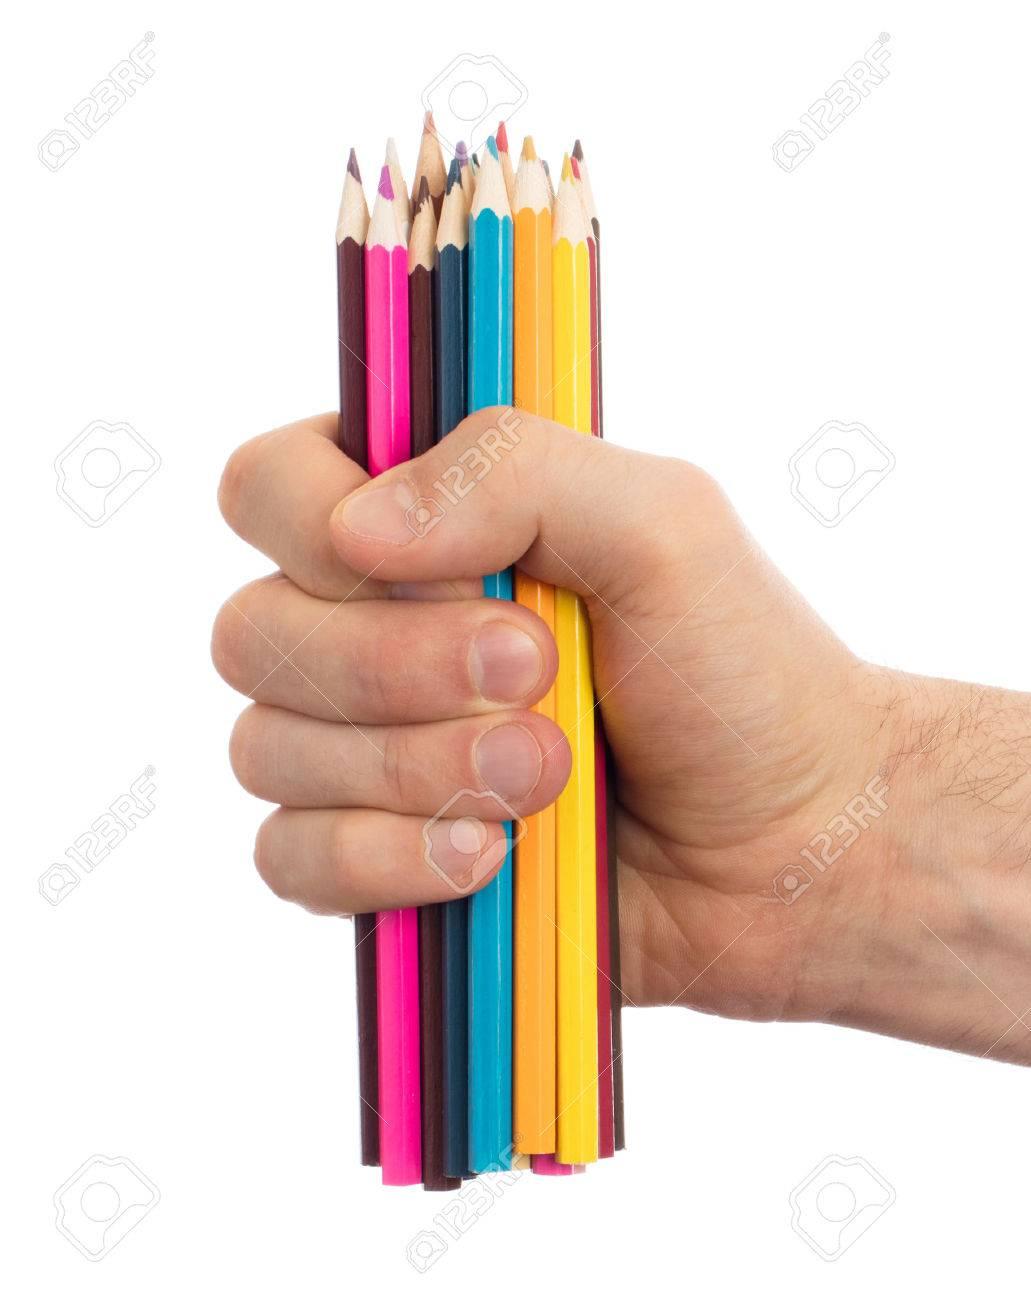 crayons d'occasion à la main isolé sur fond blanc Banque d'images - 55033701